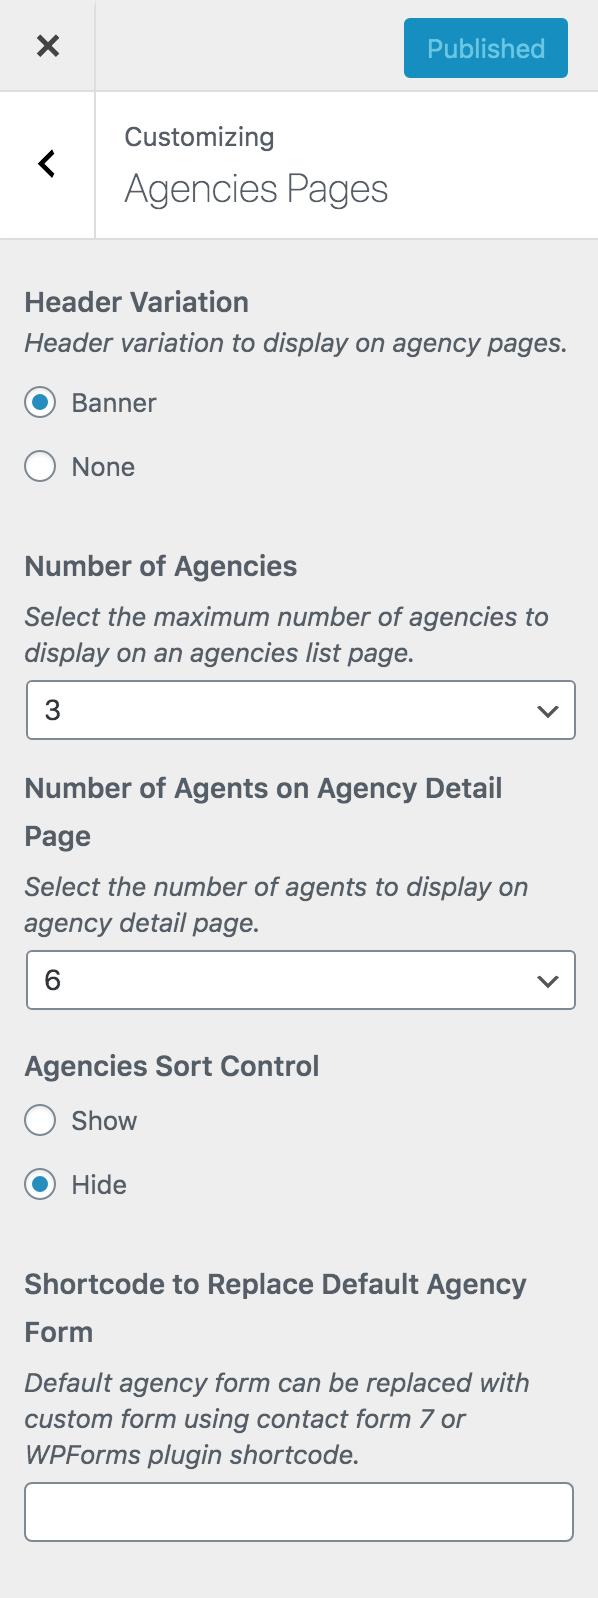 Configurações do personalizador da página de agências